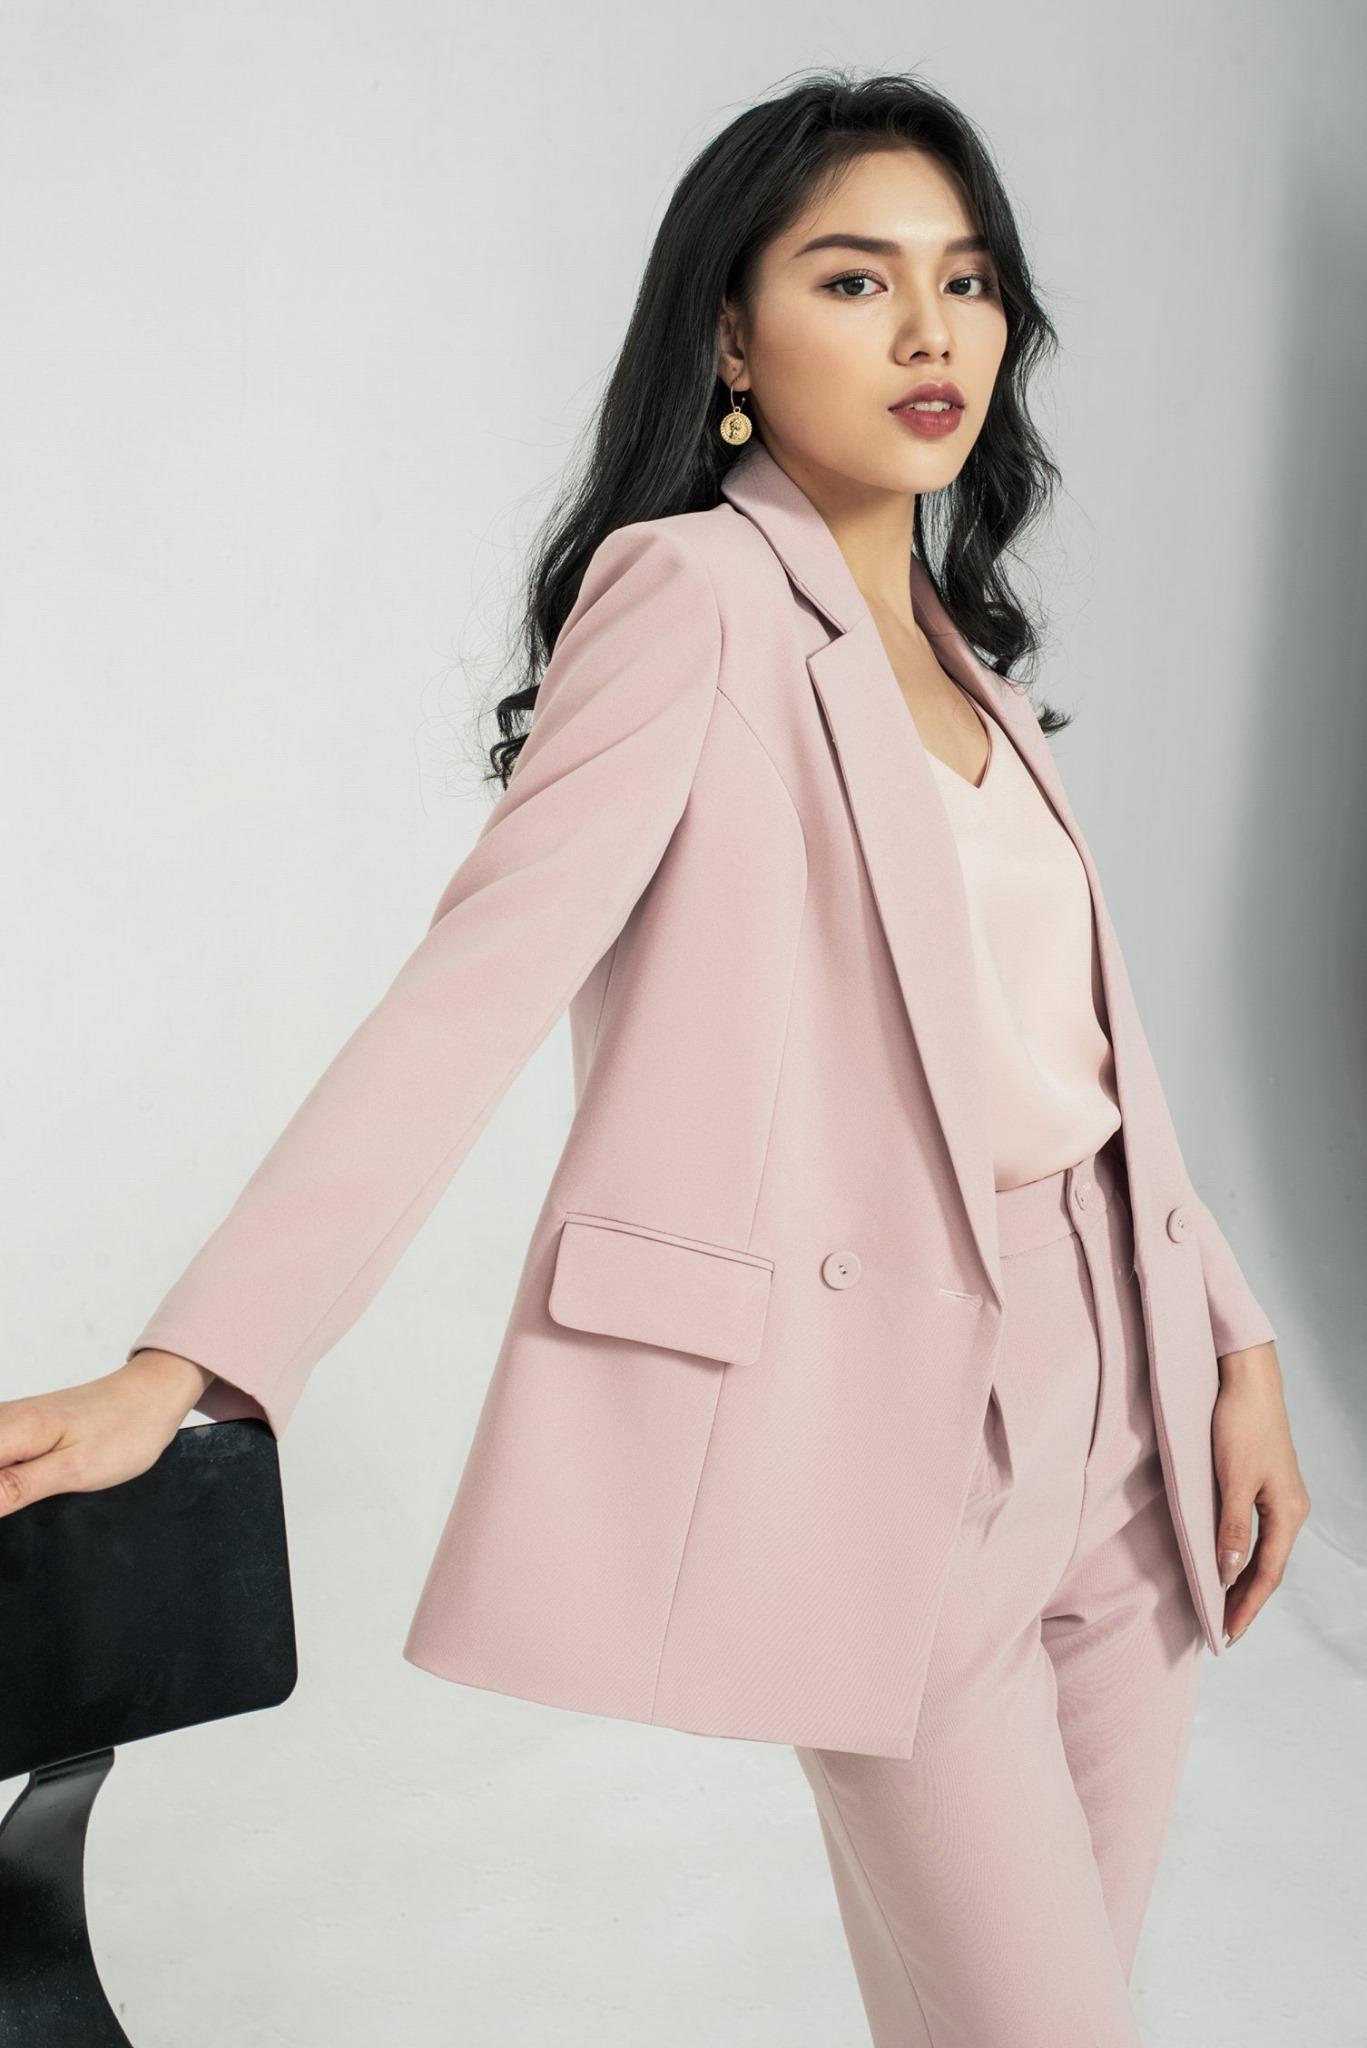 """Ai nói diện suit """"già như mợ"""" nhìn Hari Won 35 tuổi vẫn trẻ trung tươi mới thế này, chị em lại có thêm vài chiêu diện suit chanh xả ngút ngàn cho mùa mới  - Ảnh 7."""